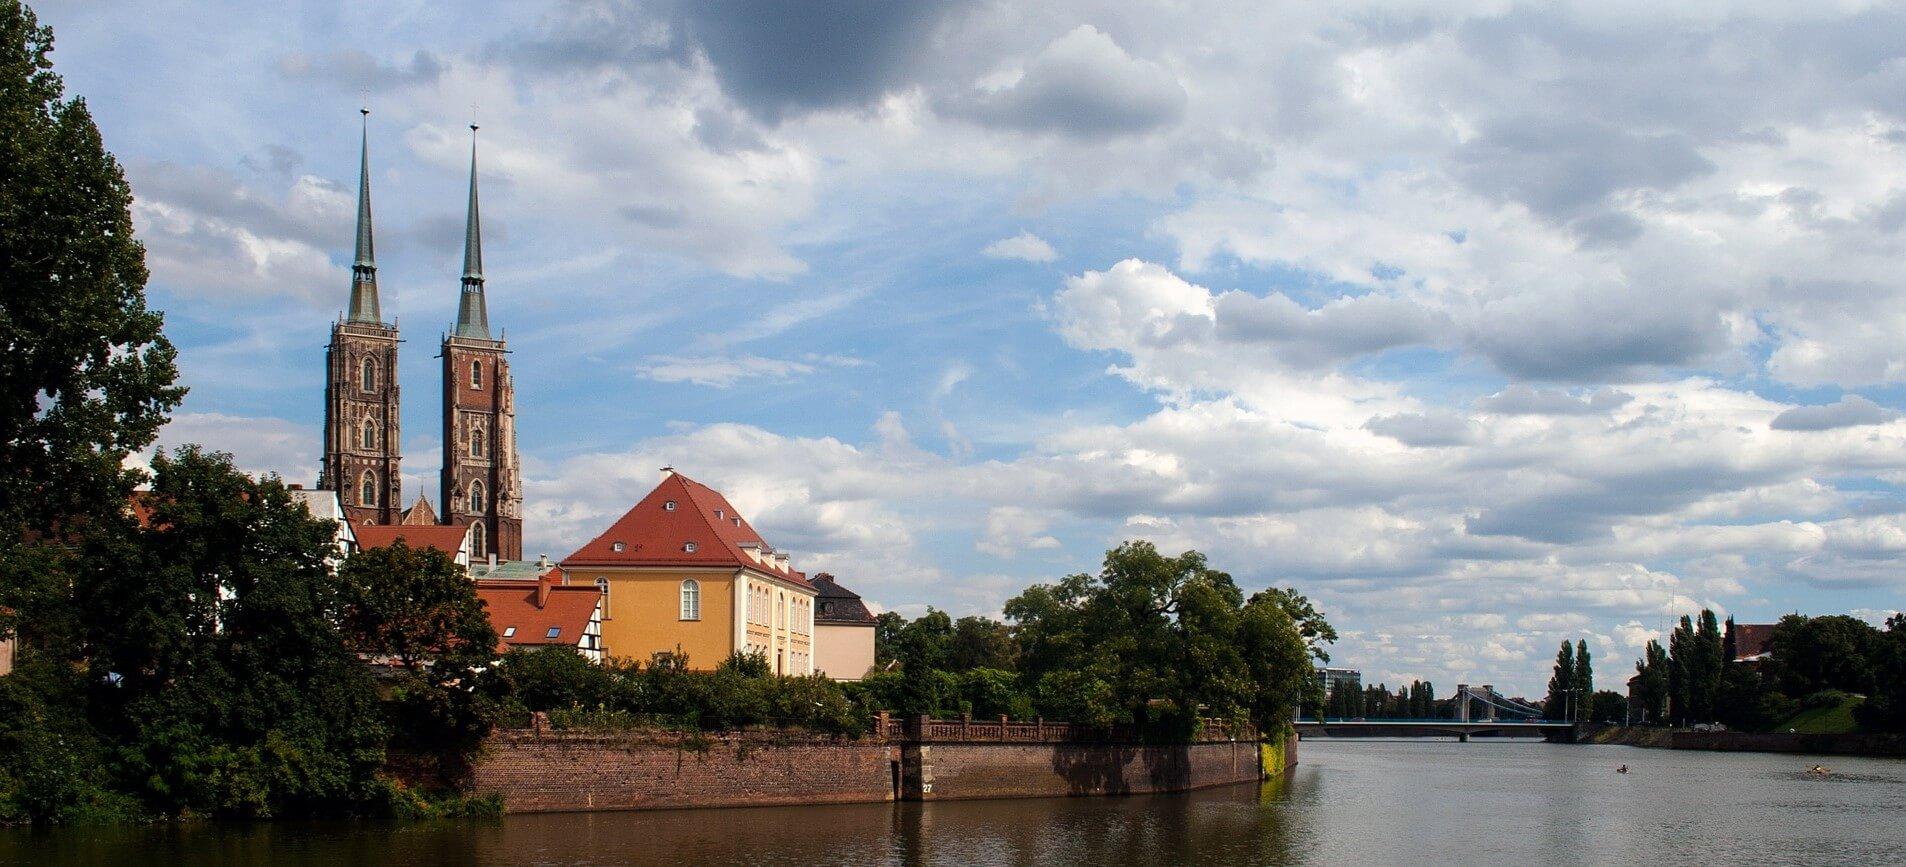 Direktflüge und Billigflüge ab Frankfurt nach Breslau